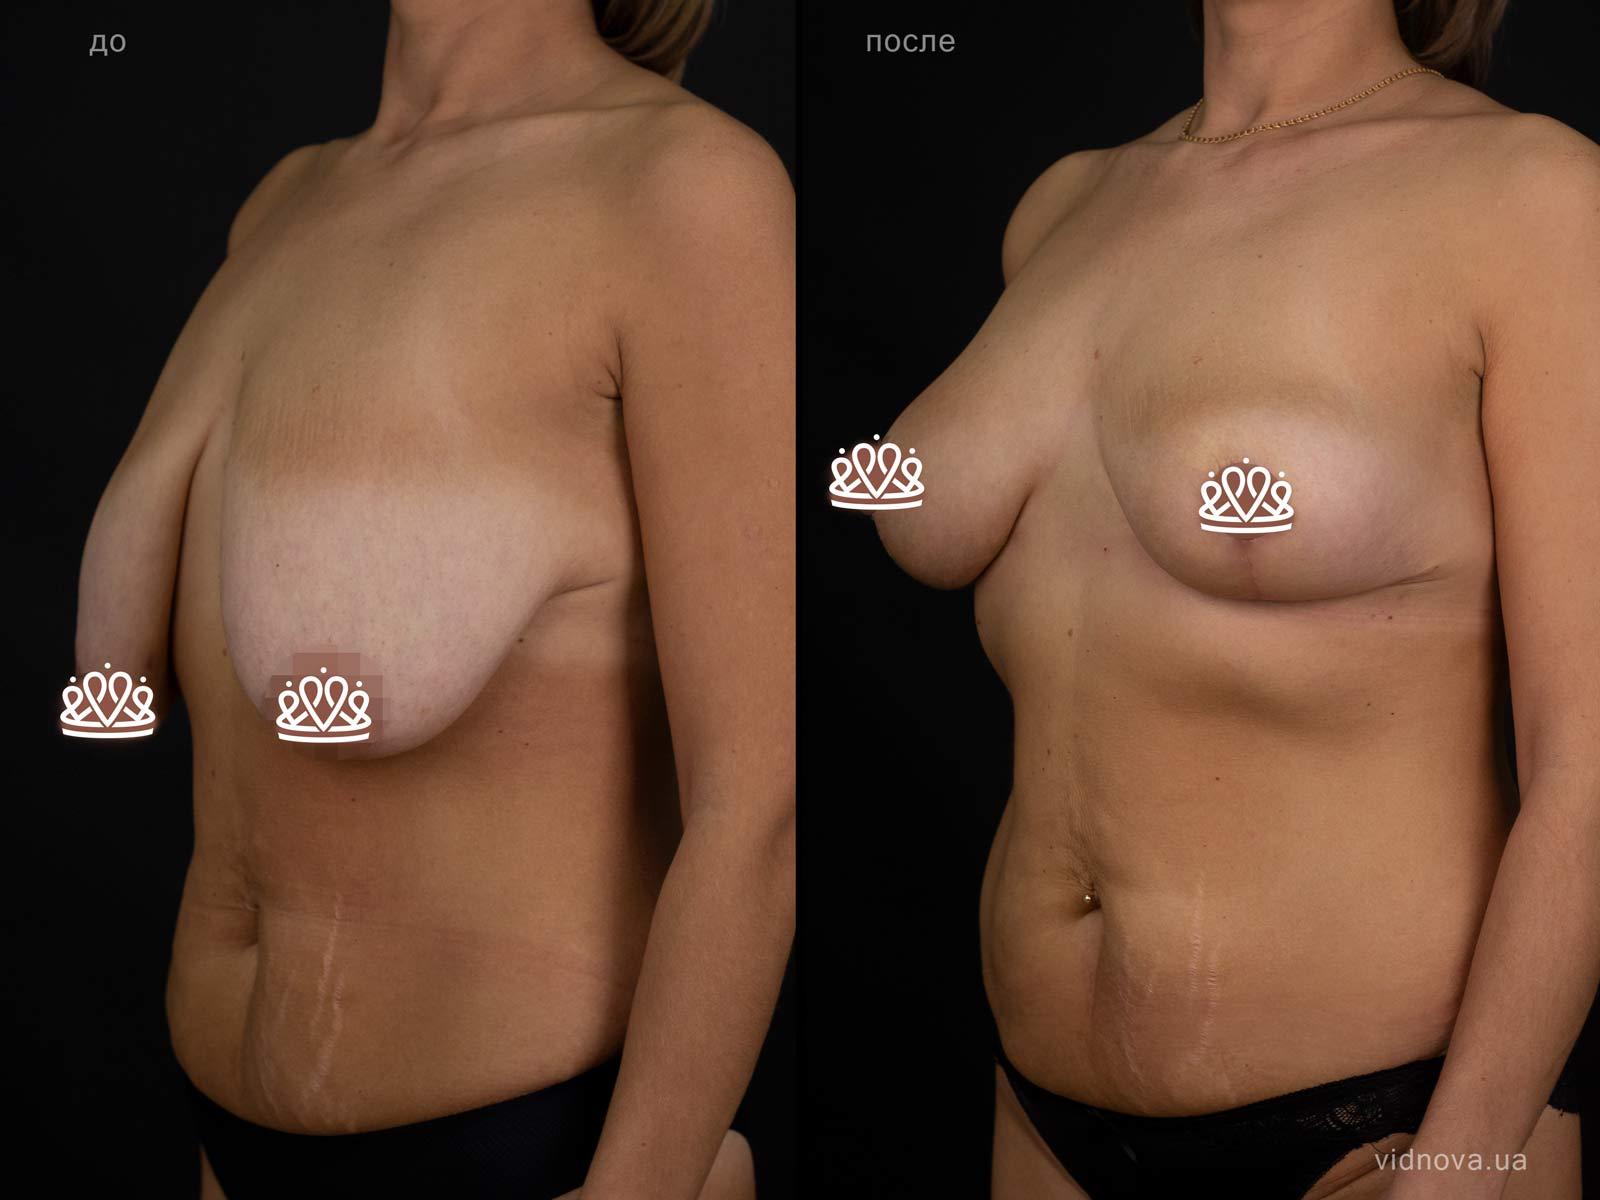 Пластика груди: результаты до и после - Пример №117-1 - Светлана Работенко